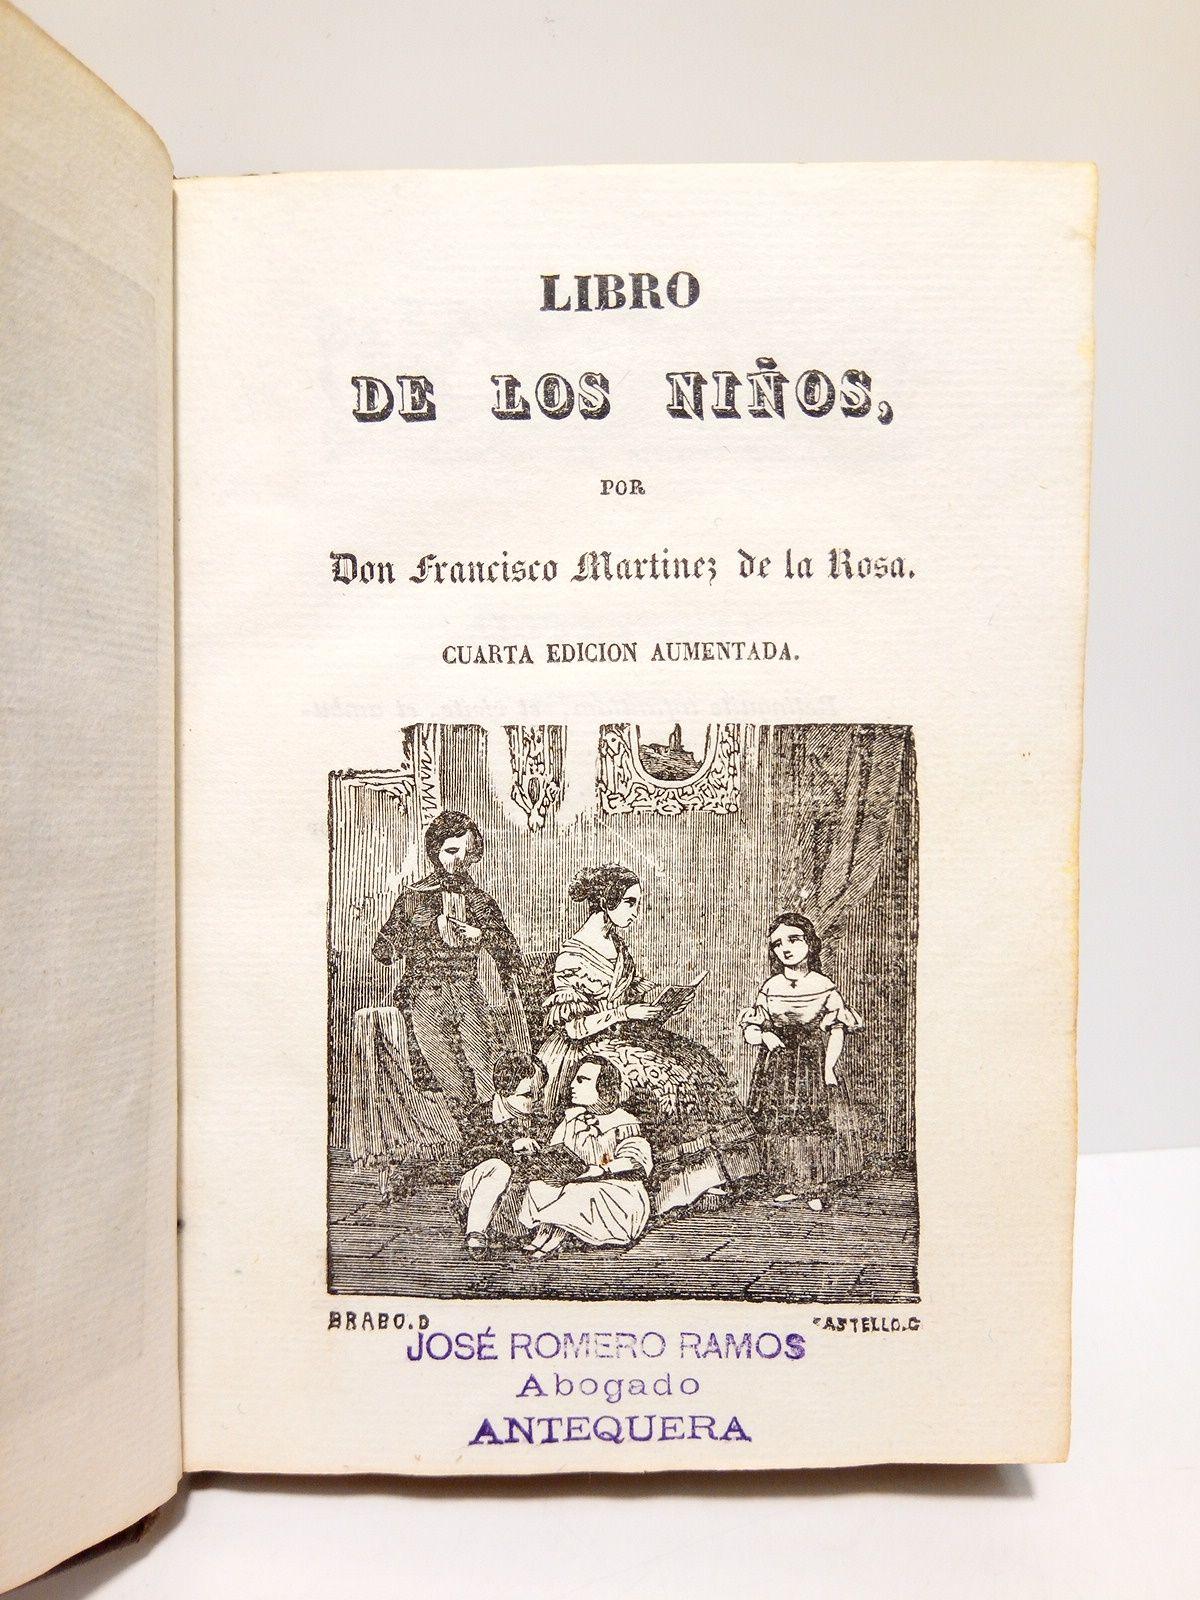 Libro de los niños